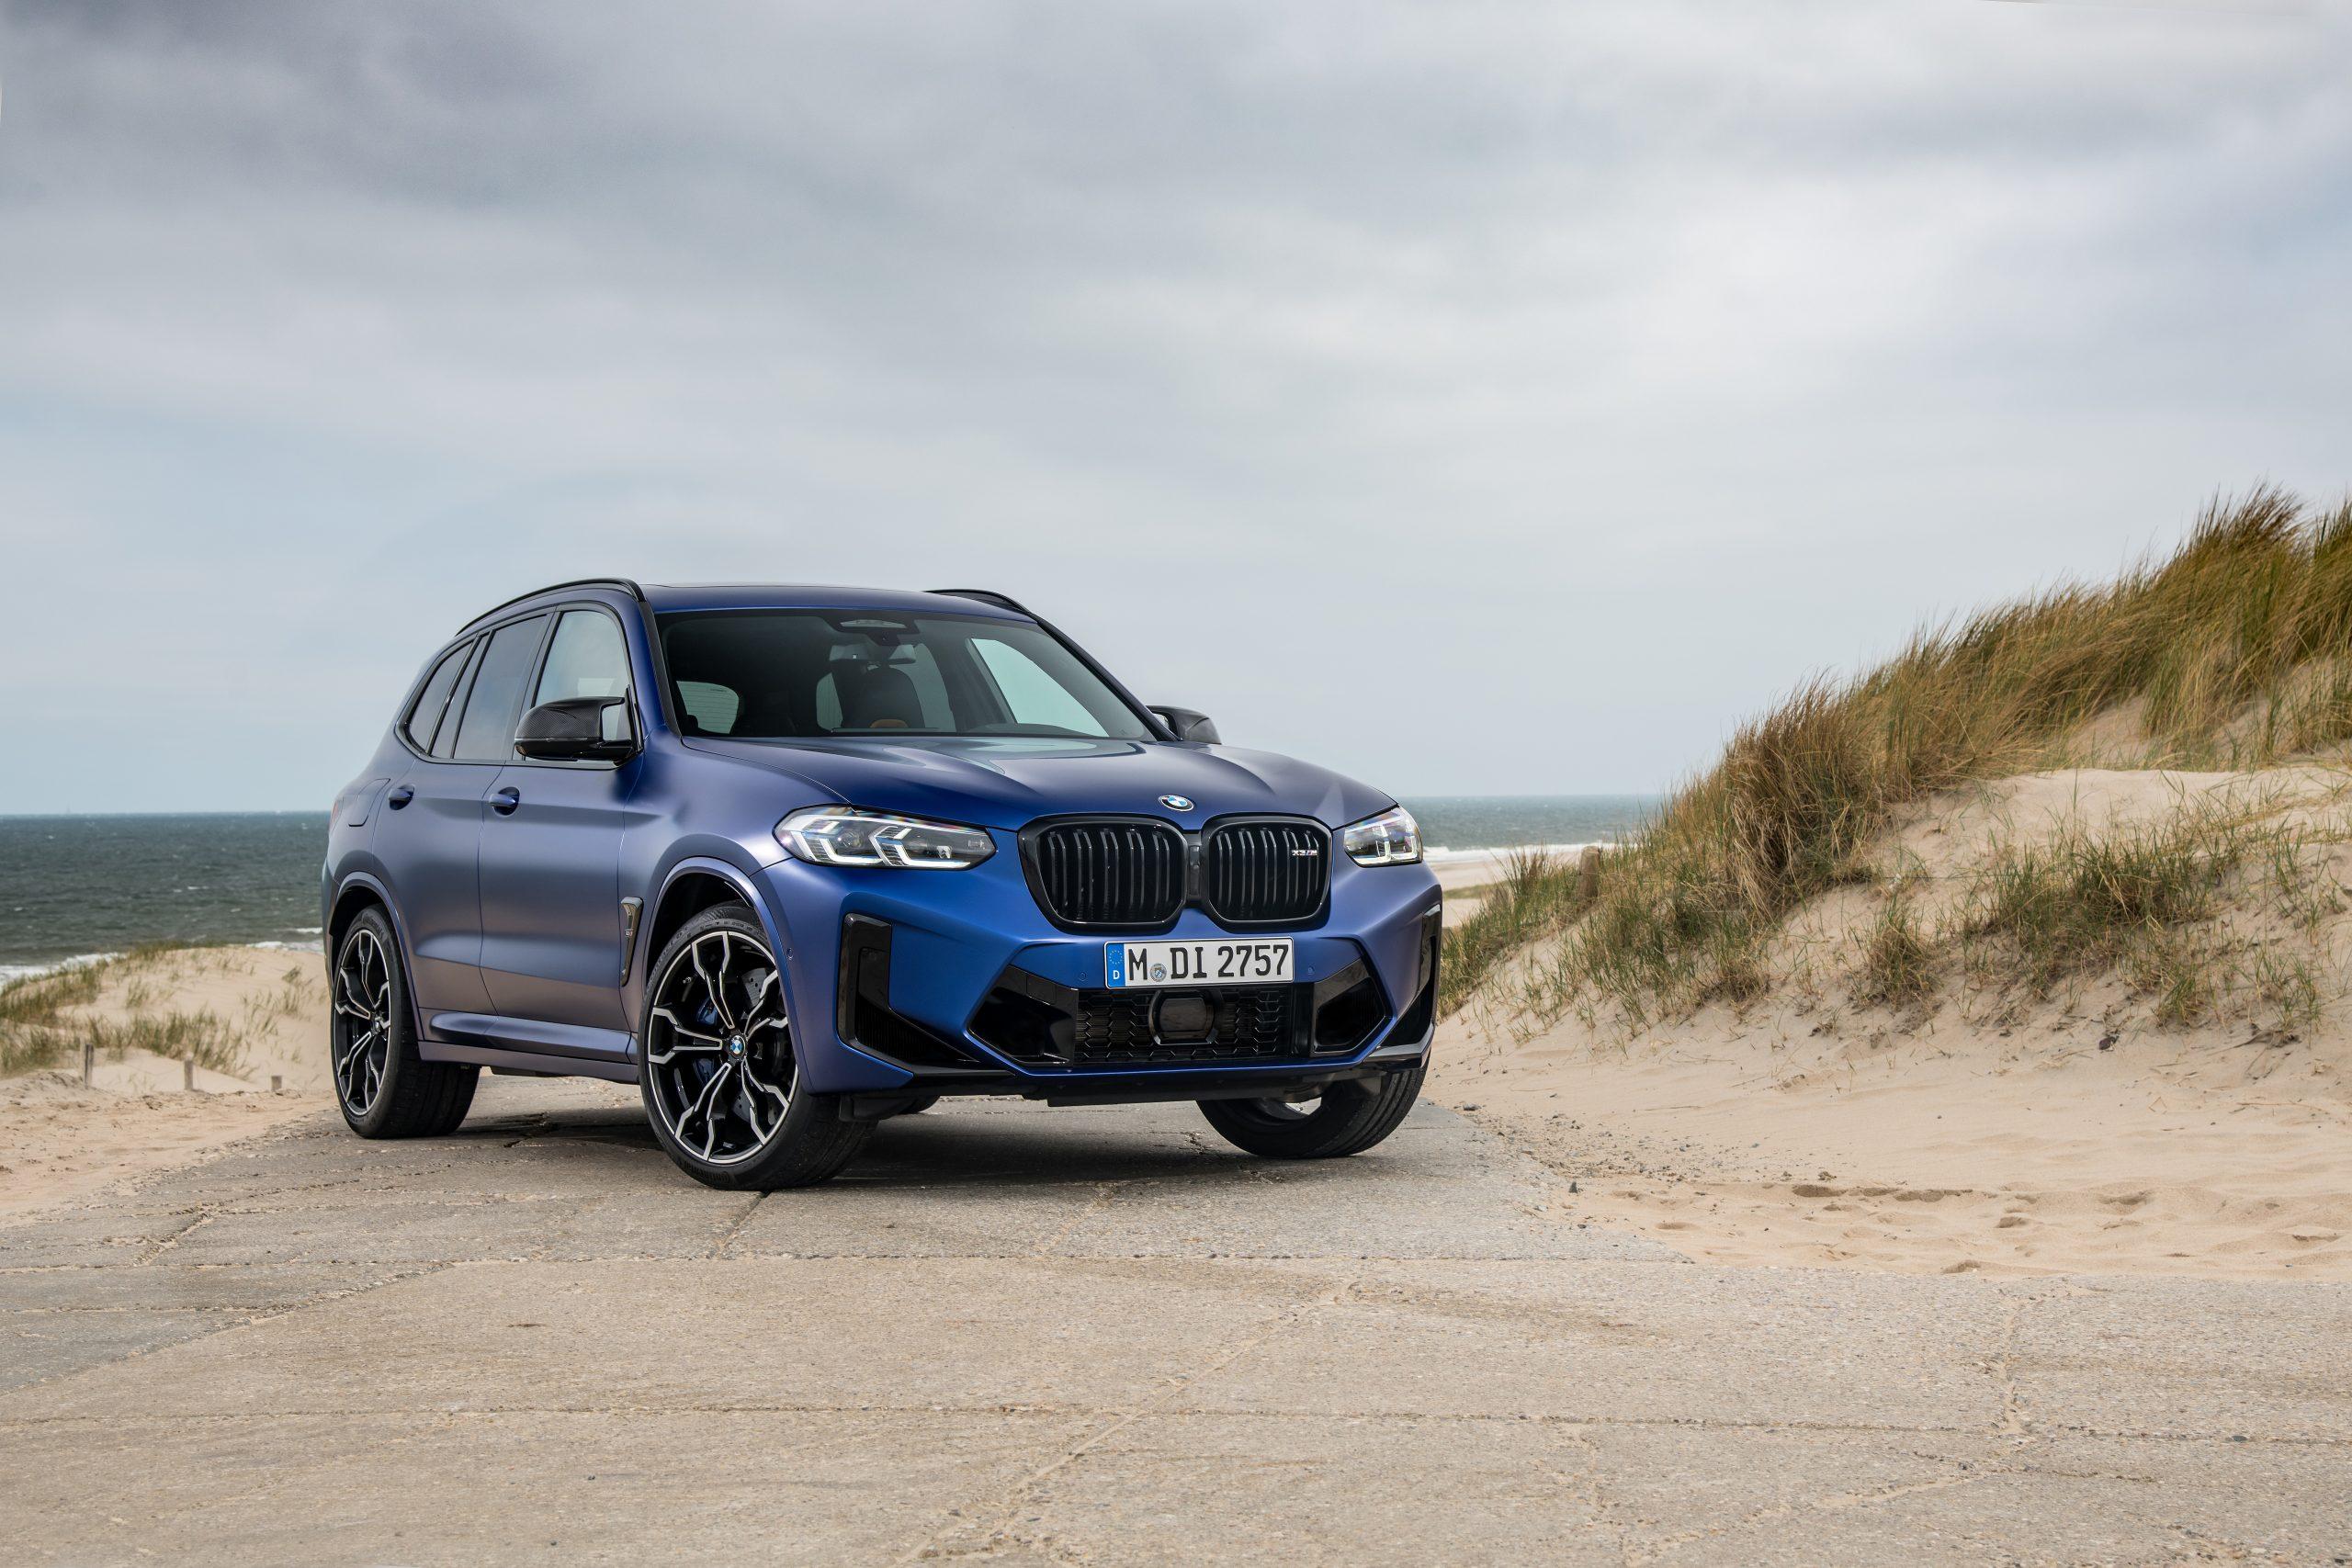 P90423895 highRes scaled Ιδού οι νέες BMW X3 M Competition και BMW X4 M Competition BMW, BMW M, BMW X3, BMW X4, SUV, X3 M, X4 M, ειδήσεις, Νέα